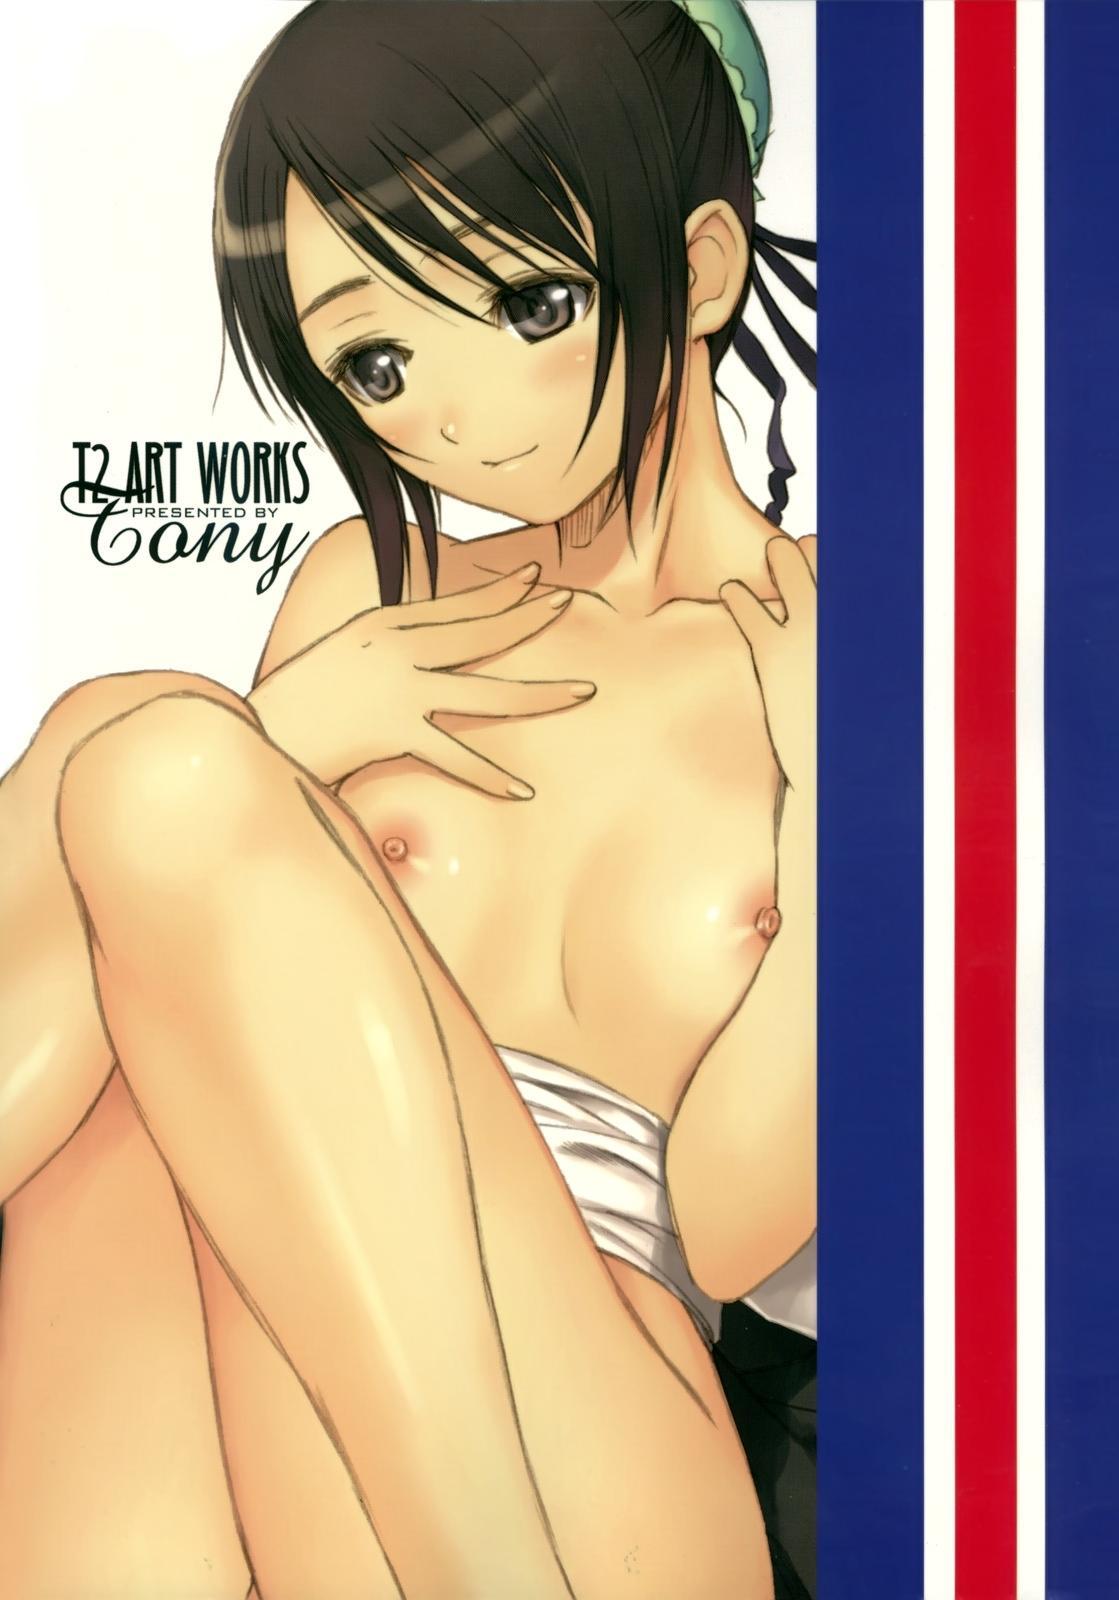 Watashi wa Kyozetsu Suru! Kamo | I Refuse... Maybe... 36